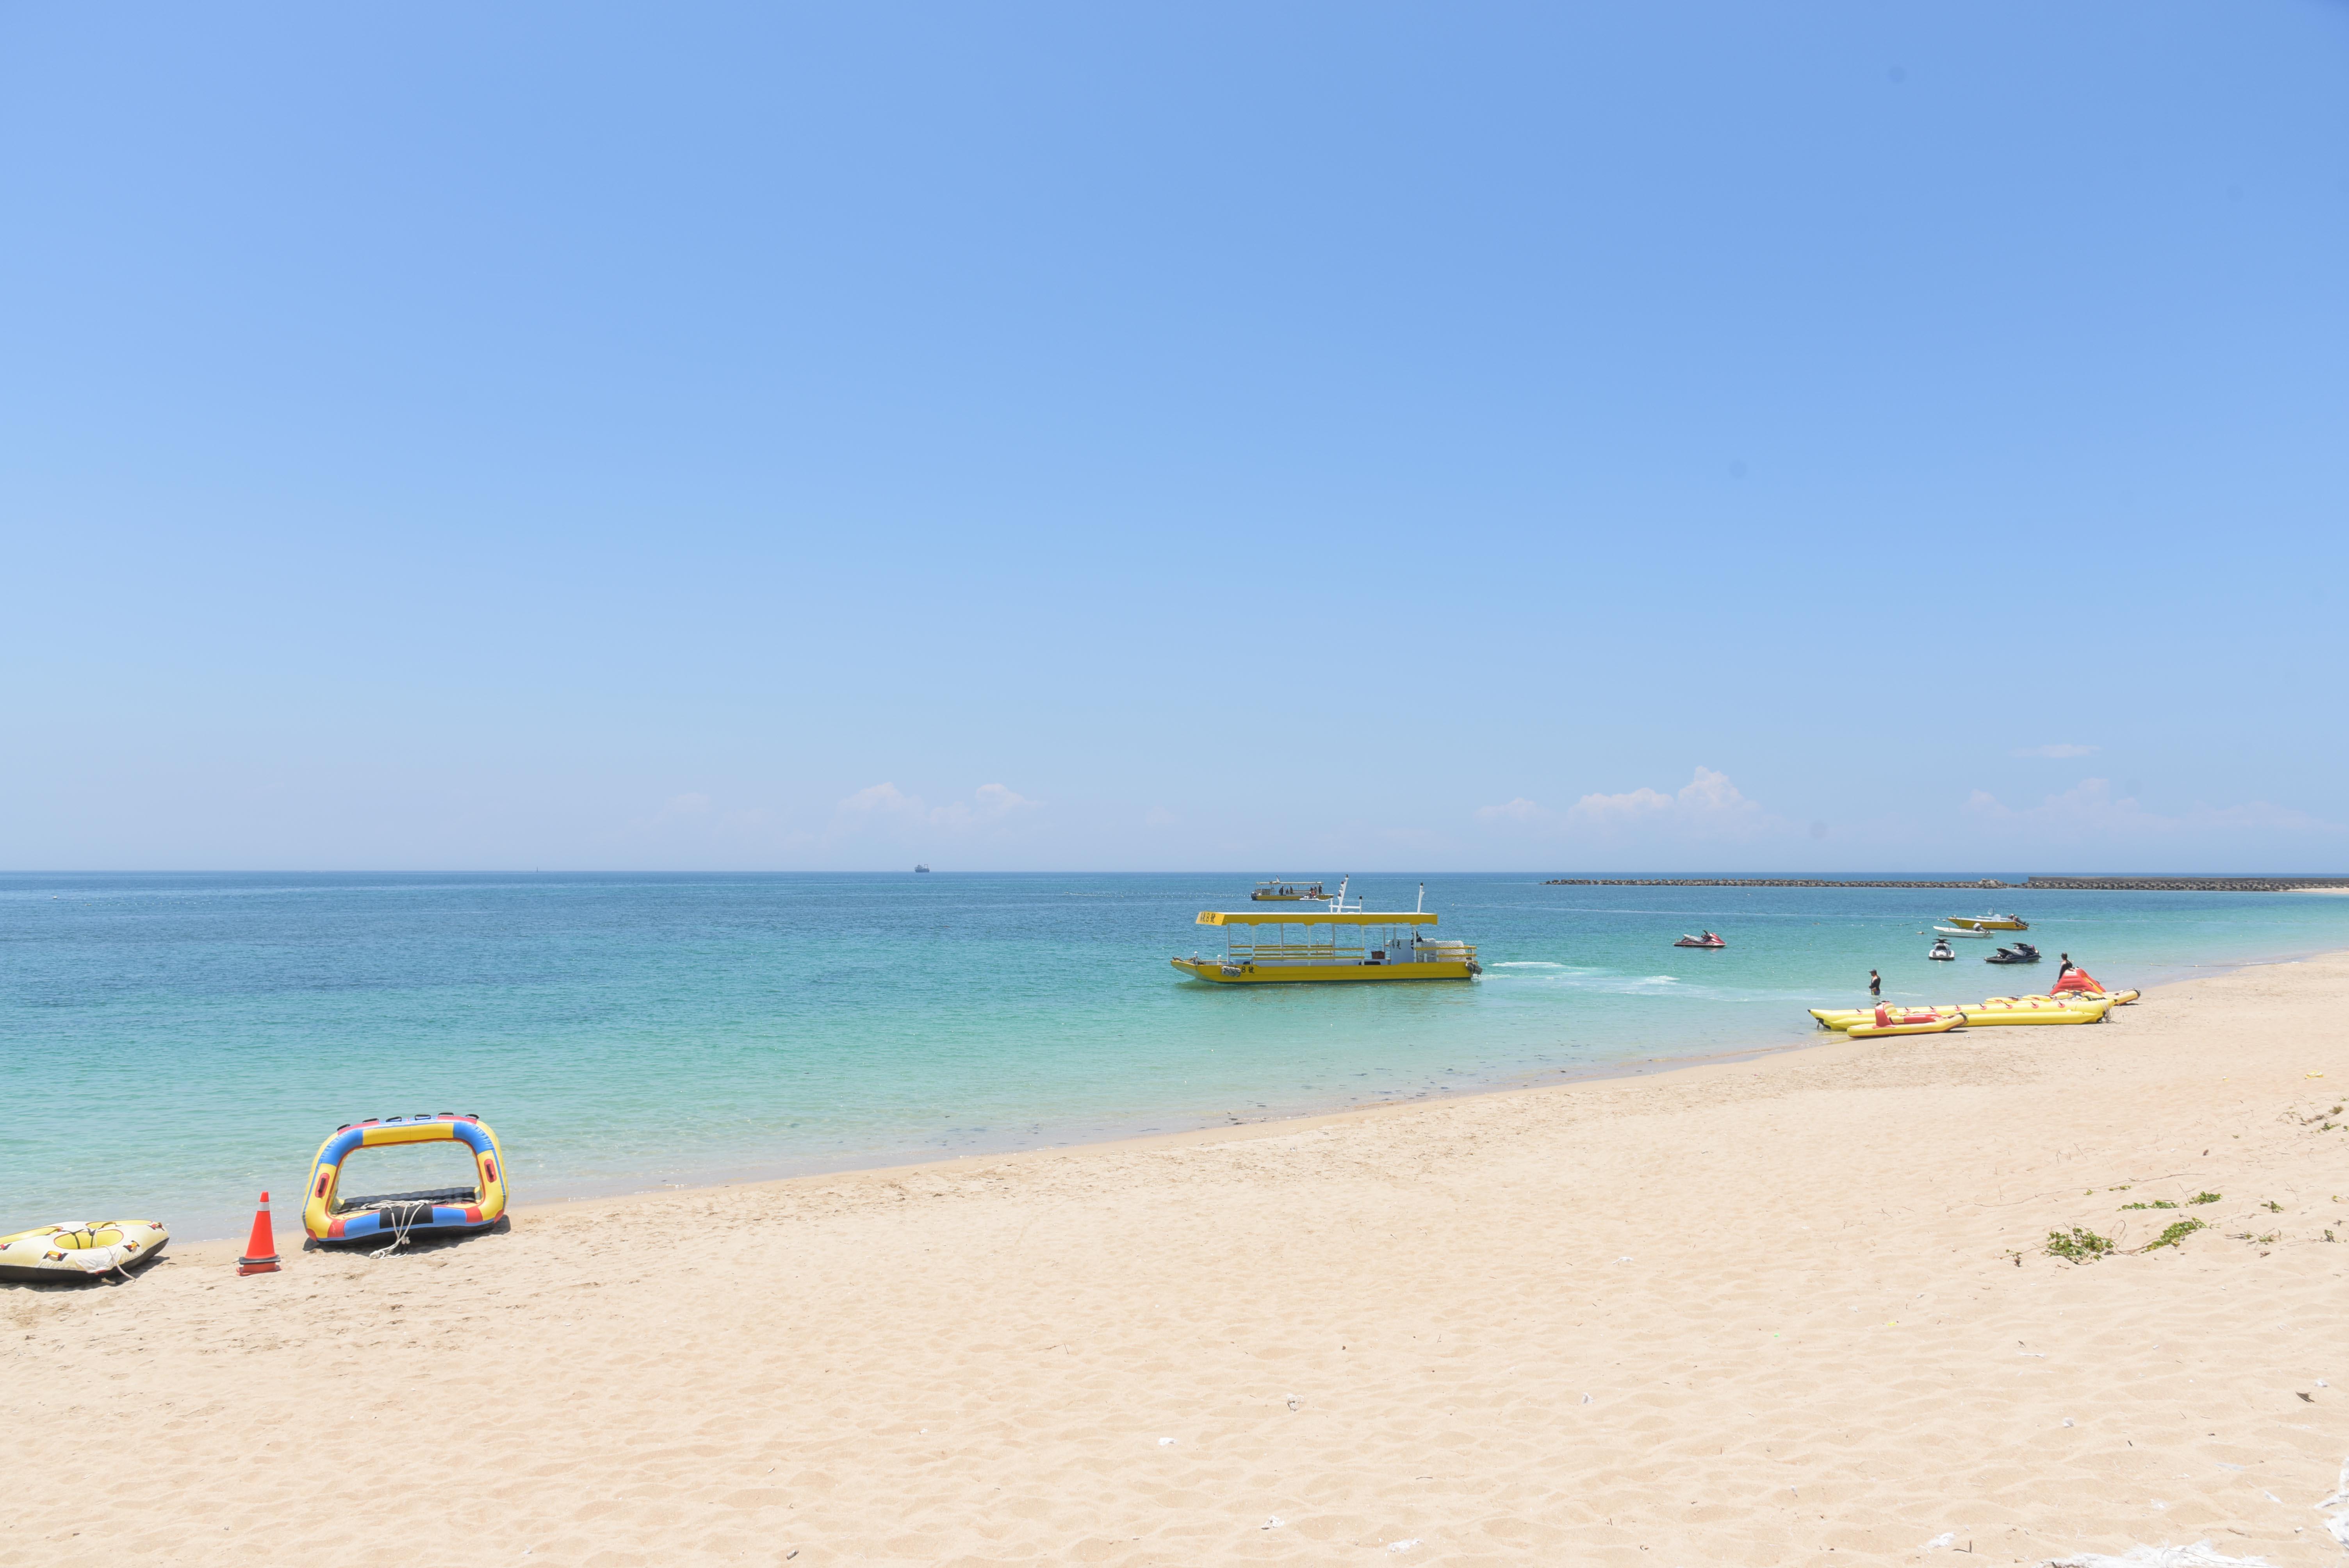 澎湖景點 隘門沙灘